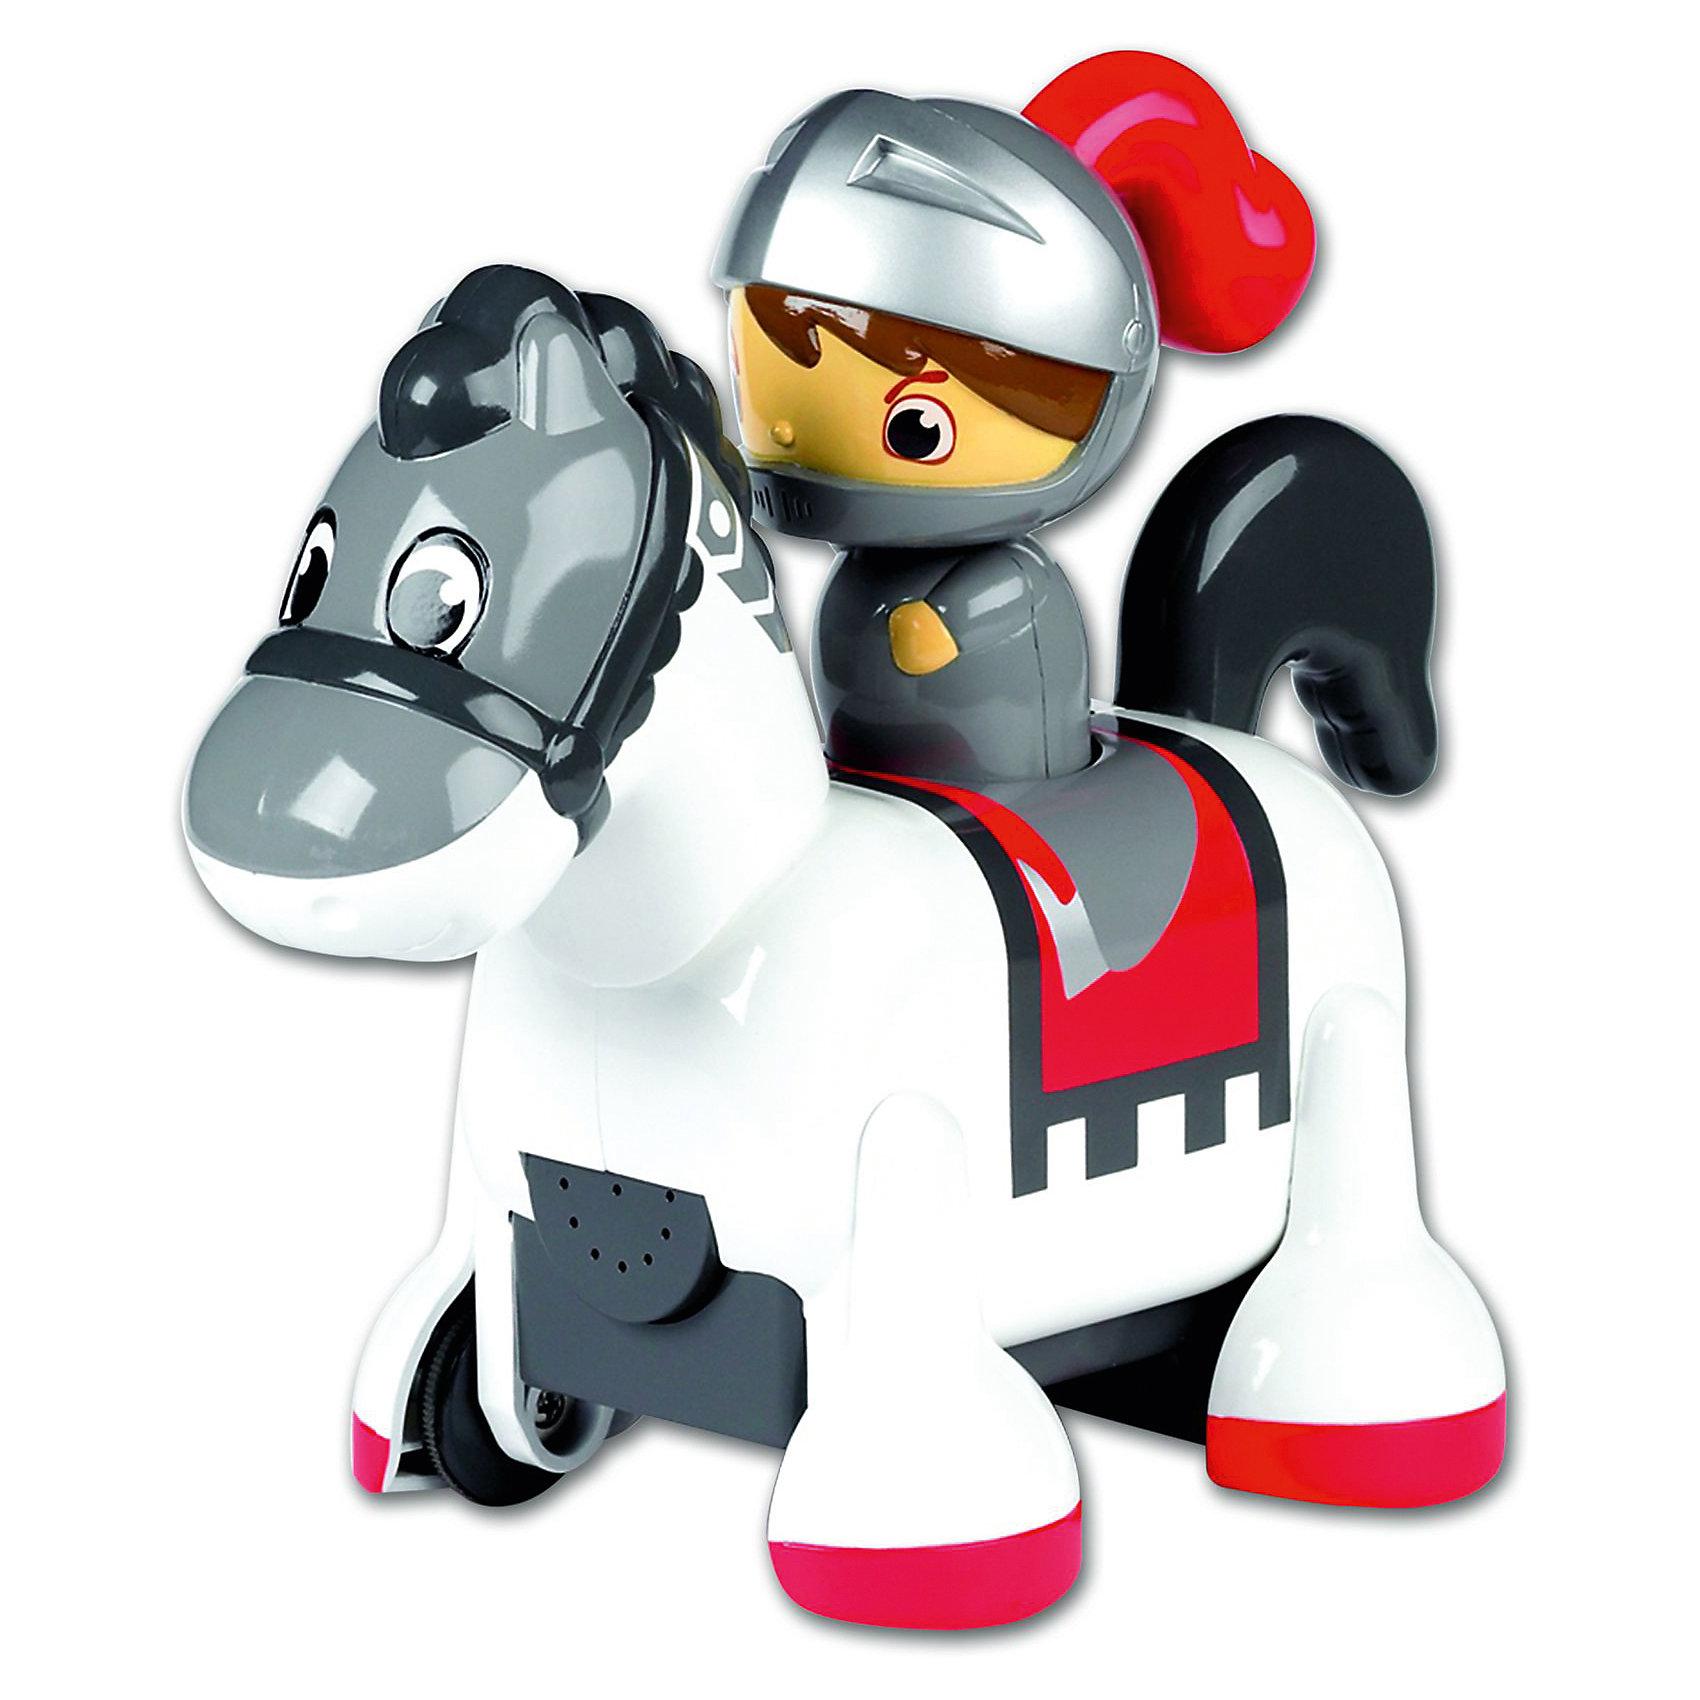 Интерактивная игрушка Tomy Всадник, РыцарьСолдатики и рыцари<br>Характеристики:<br><br>• возраст: от 12 месяцев;<br>• материал: пластик;<br>• в комплекте: всадник, лошадка;<br>• тип батареек: 3 батарейки ААА;<br>• наличие батареек: в комплект не входят;<br>• размер упаковки: 21х25х14 см;<br>• вес упаковки: 600 гр.;<br>• страна производитель: Китай.<br><br>Игрушка «Принц-всадник» Tomy — удивительная интерактивная игрушка для малышей. На лошадке сидит всадник. Если нажать на голову всадника, то лошадка отправится в путь. В самом начале пути она поприветствует ребенка ржанием. Во время движения лошадка двигает головой и цокает копытами, а в конце пути забавно фыркает.<br><br>Игрушку «Принц-всадник» Tomy можно приобрести в нашем интернет-магазине.<br><br>Ширина мм: 250<br>Глубина мм: 140<br>Высота мм: 210<br>Вес г: 600<br>Возраст от месяцев: 12<br>Возраст до месяцев: 2147483647<br>Пол: Мужской<br>Возраст: Детский<br>SKU: 6722016